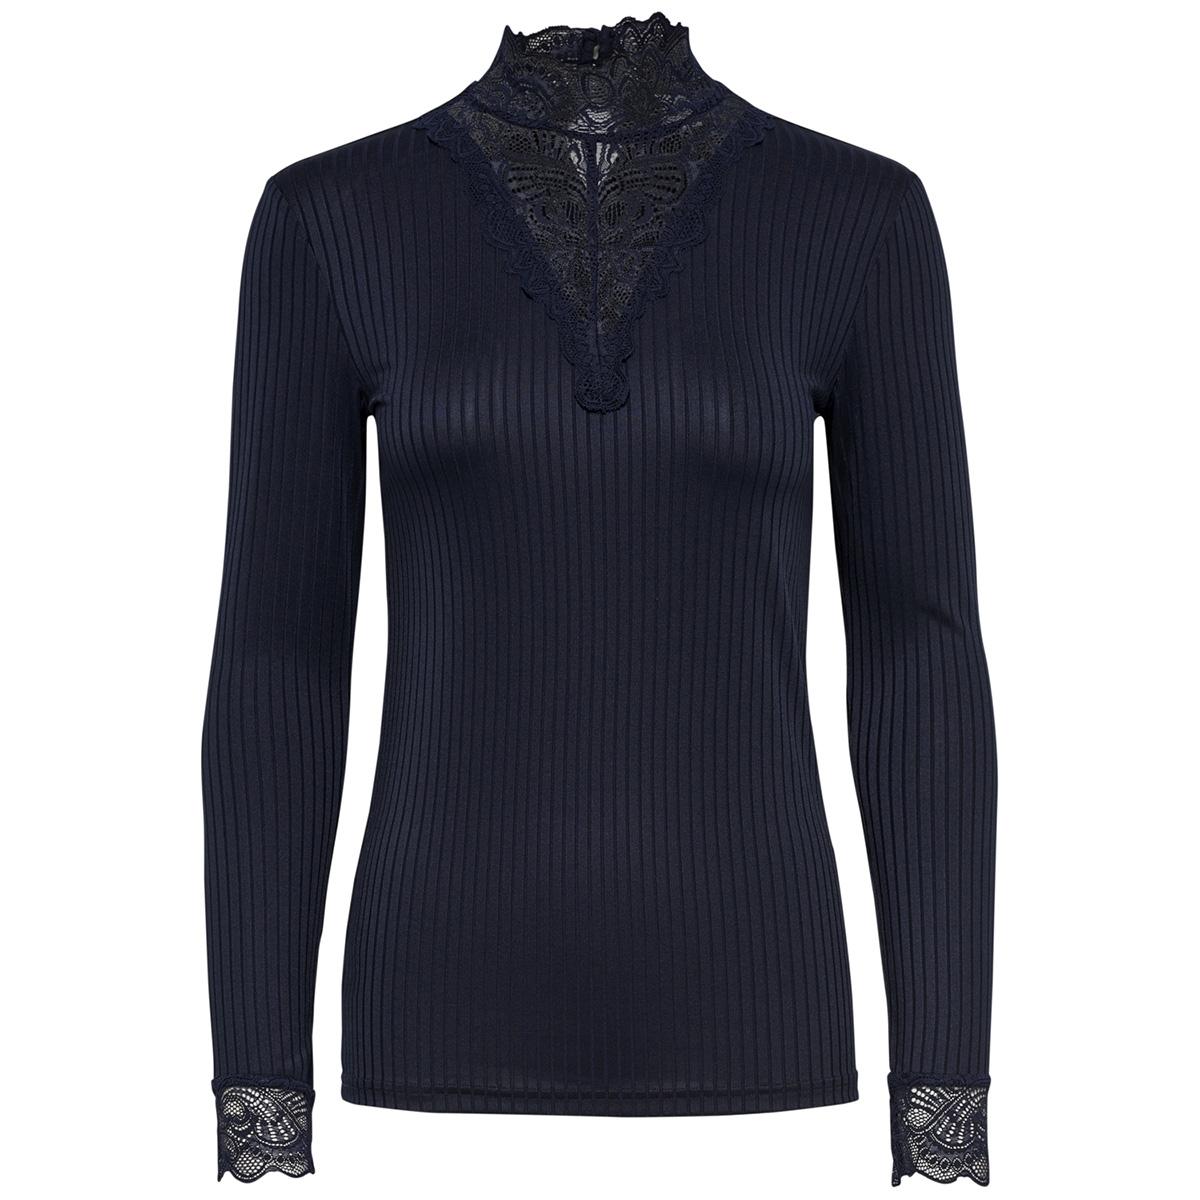 jdyrine l/s high neck top jrs noos 15166244 jacqueline de yong t-shirt sky captain/dtm lace a